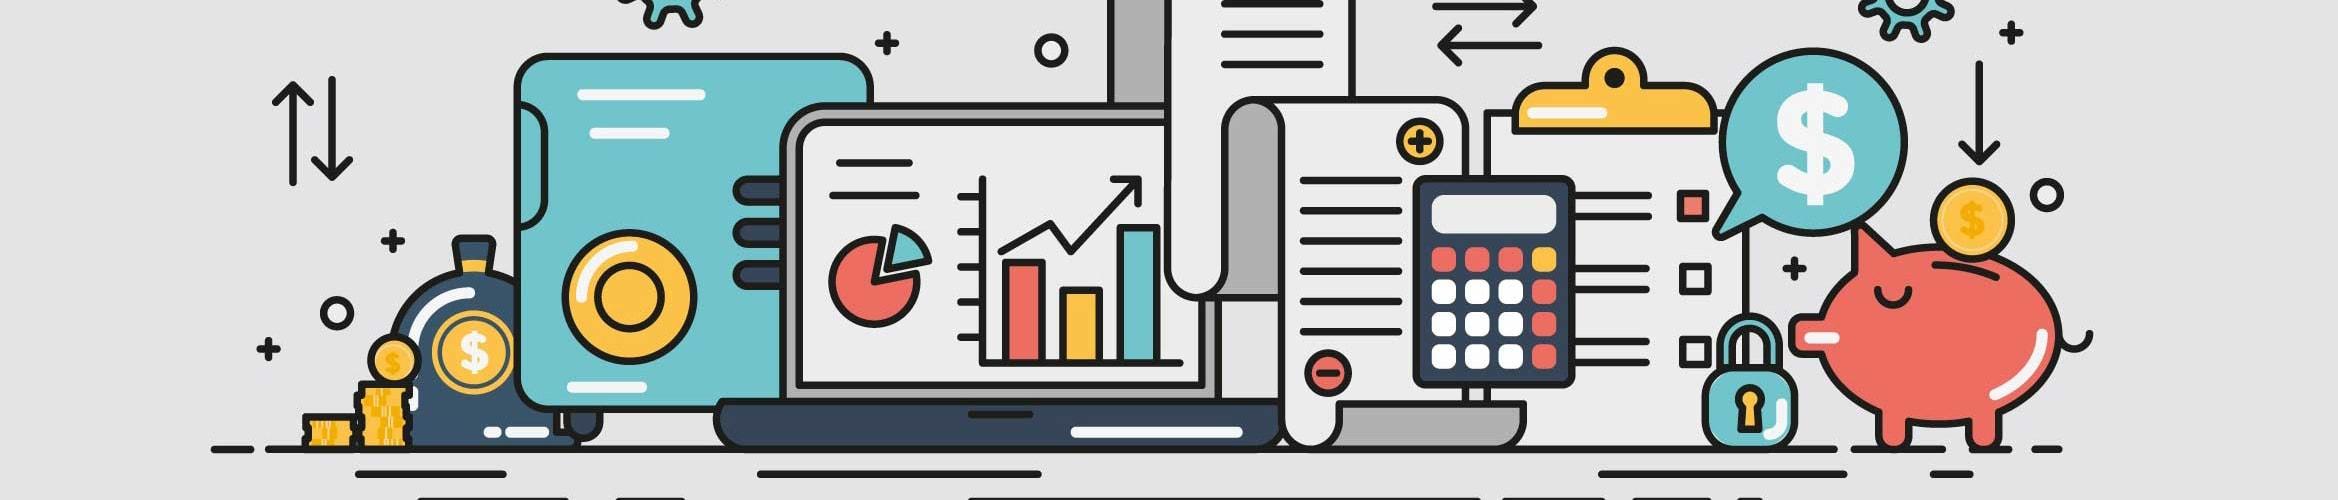 ۴ استراتژی اصلی برای قیمتگذاری محصولات فروشگاه اینترنتی